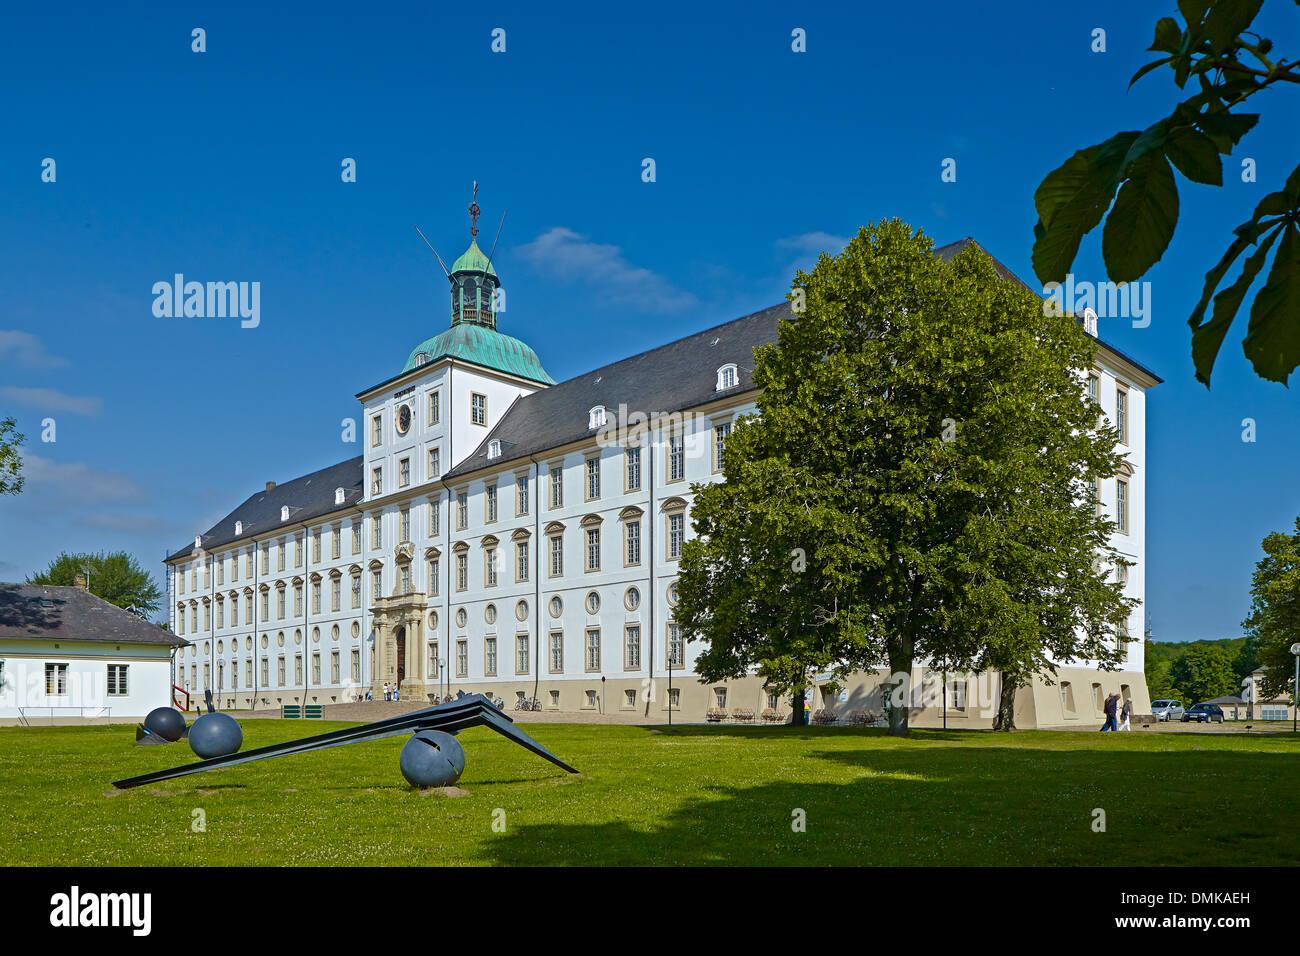 Gottorp Castle, Schleswig, Schleswig-Flensburg District, Schleswig-Holstein, Germany - Stock Image